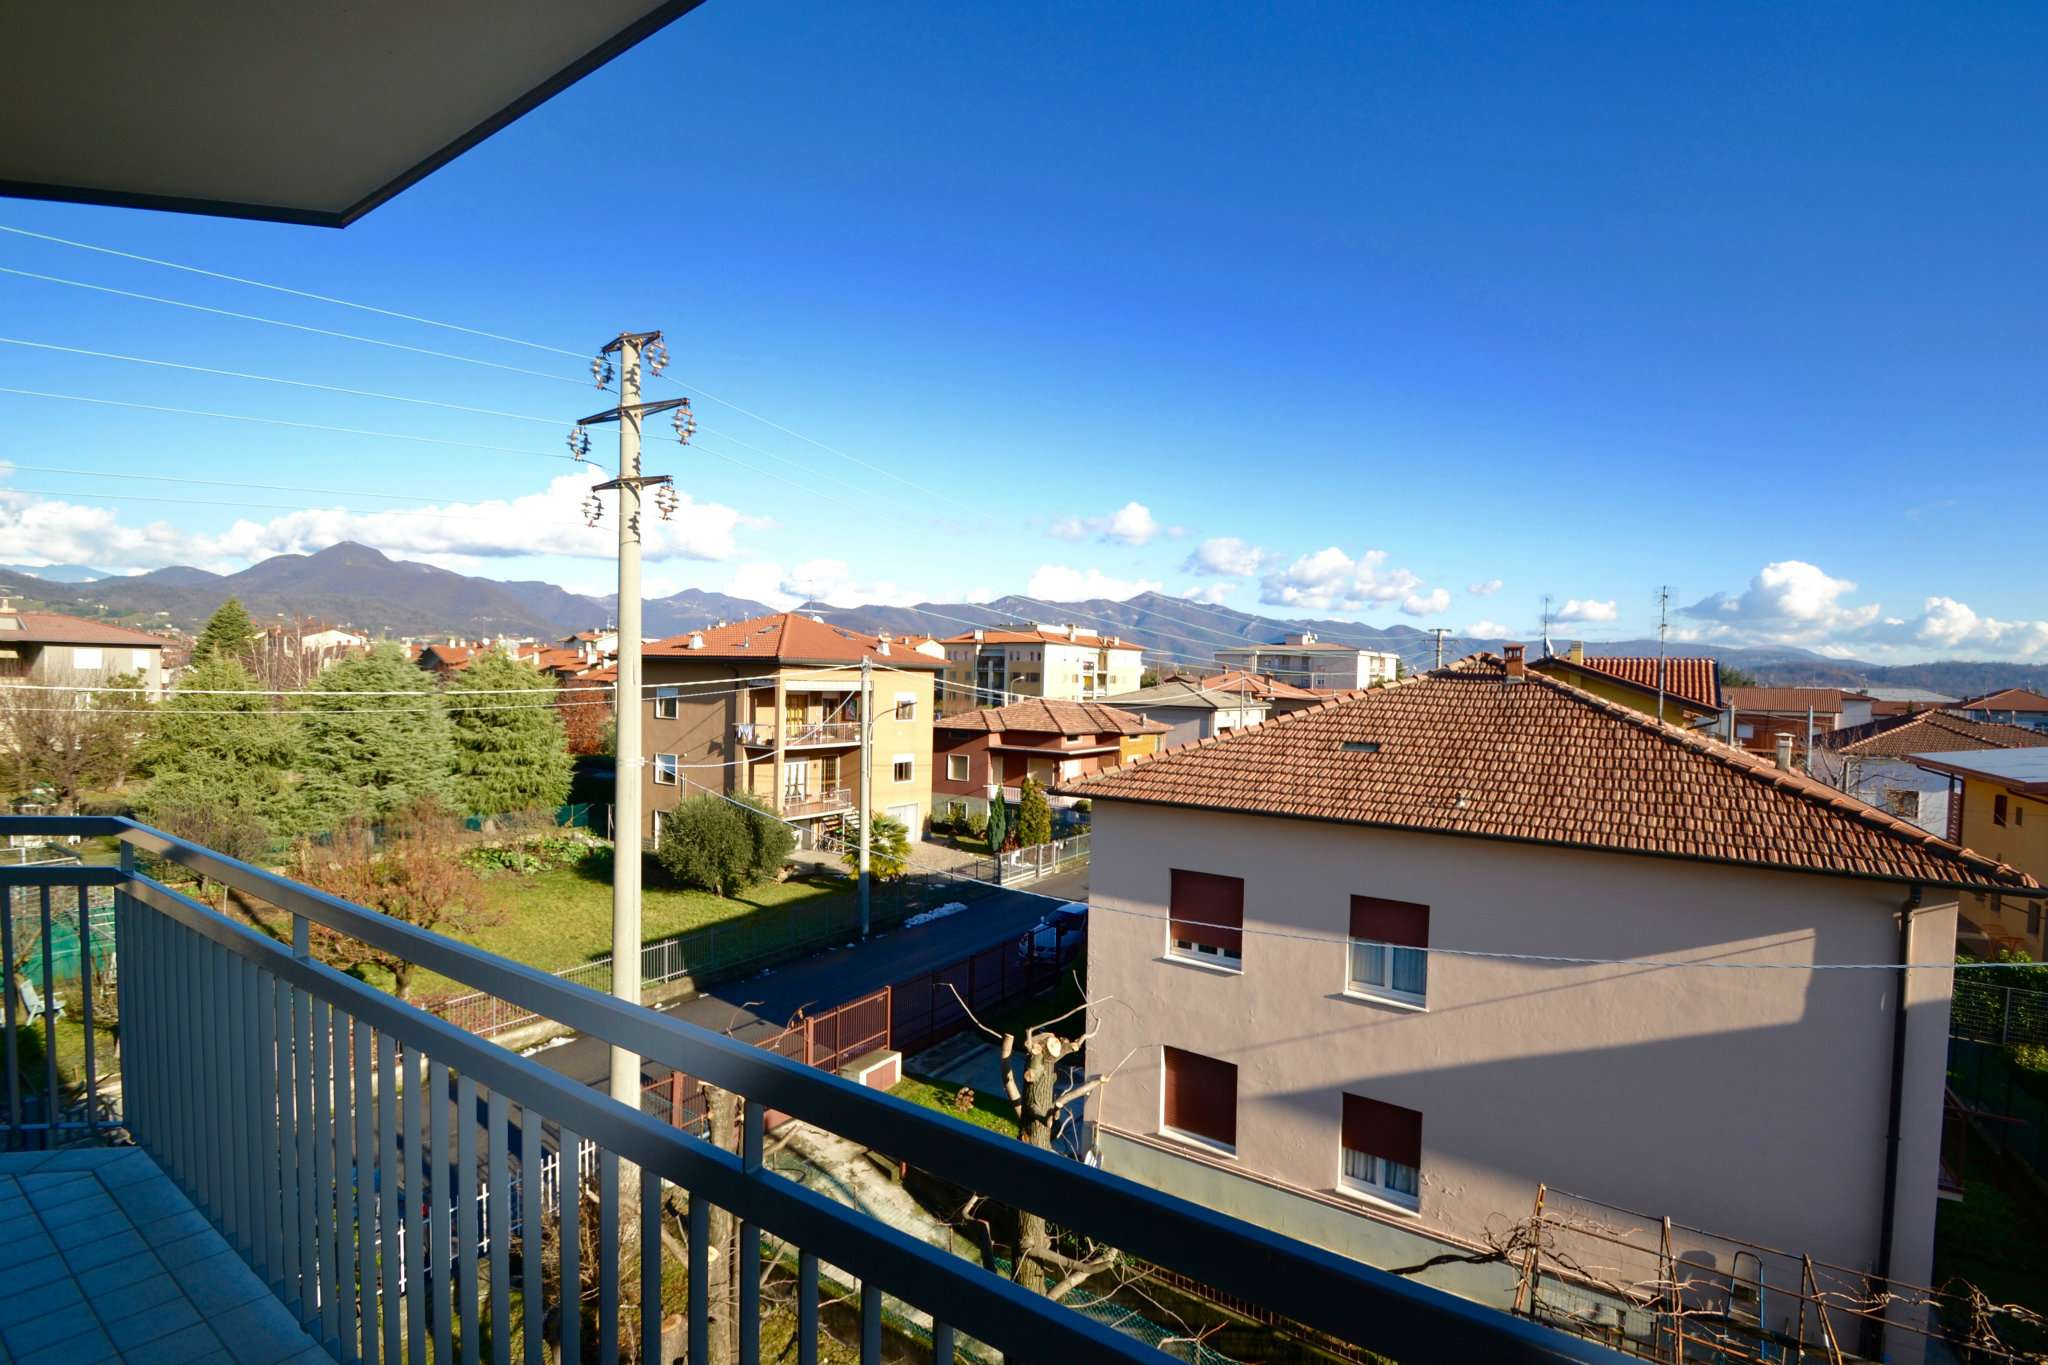 Appartamento in vendita a Brembate di Sopra, 4 locali, prezzo € 118.000 | CambioCasa.it